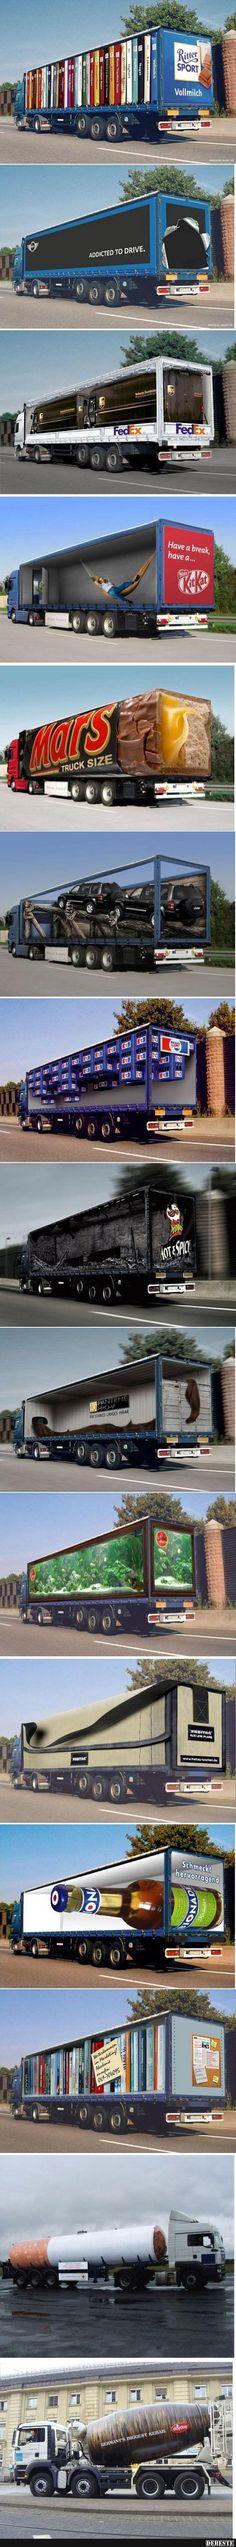 Tolle LKW-Werbung! | Lustige Bilder, Sprüche, Witze, echt lustig